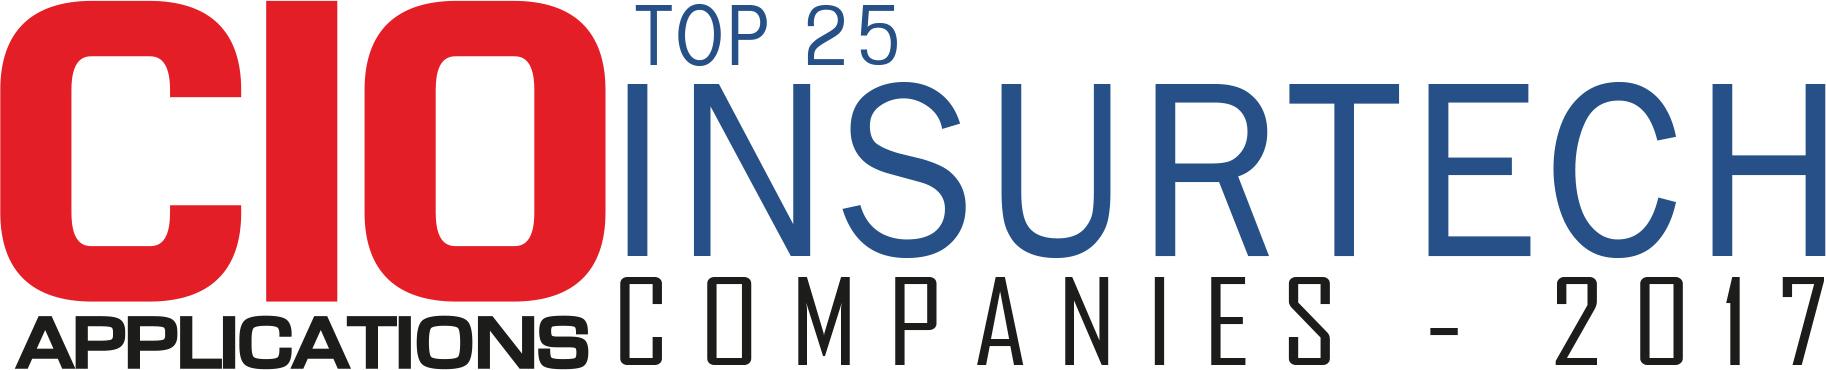 Top 25 InsurTech Companies - 2017